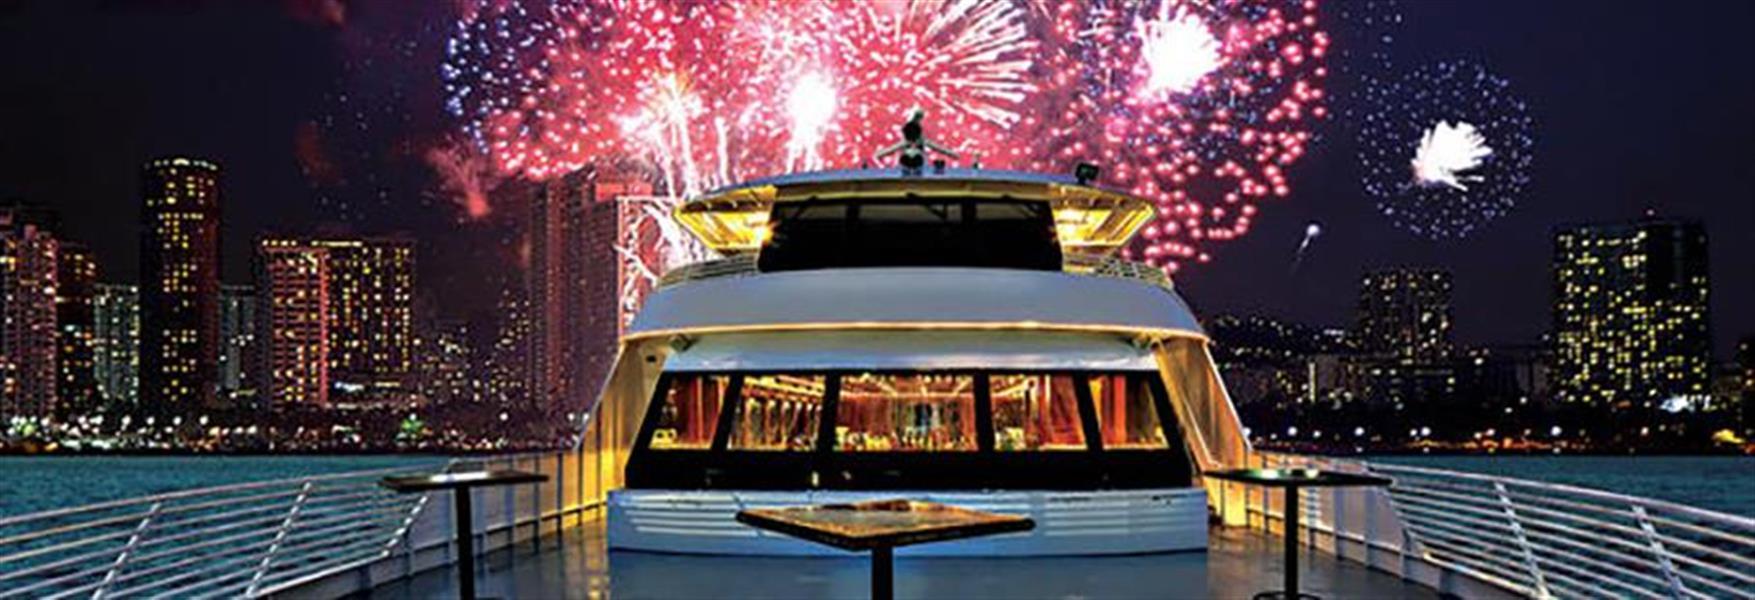 7bfa89f7-ed09-41c8-8435-f38adbb34572_fa1aa7c69b7442cd9fbba8f9c29ae1b1.image!jpeg.447834.jpg.oahu-new-year-s-eve-fireworks-cruise-in-oahu-3441632 (1).jpg